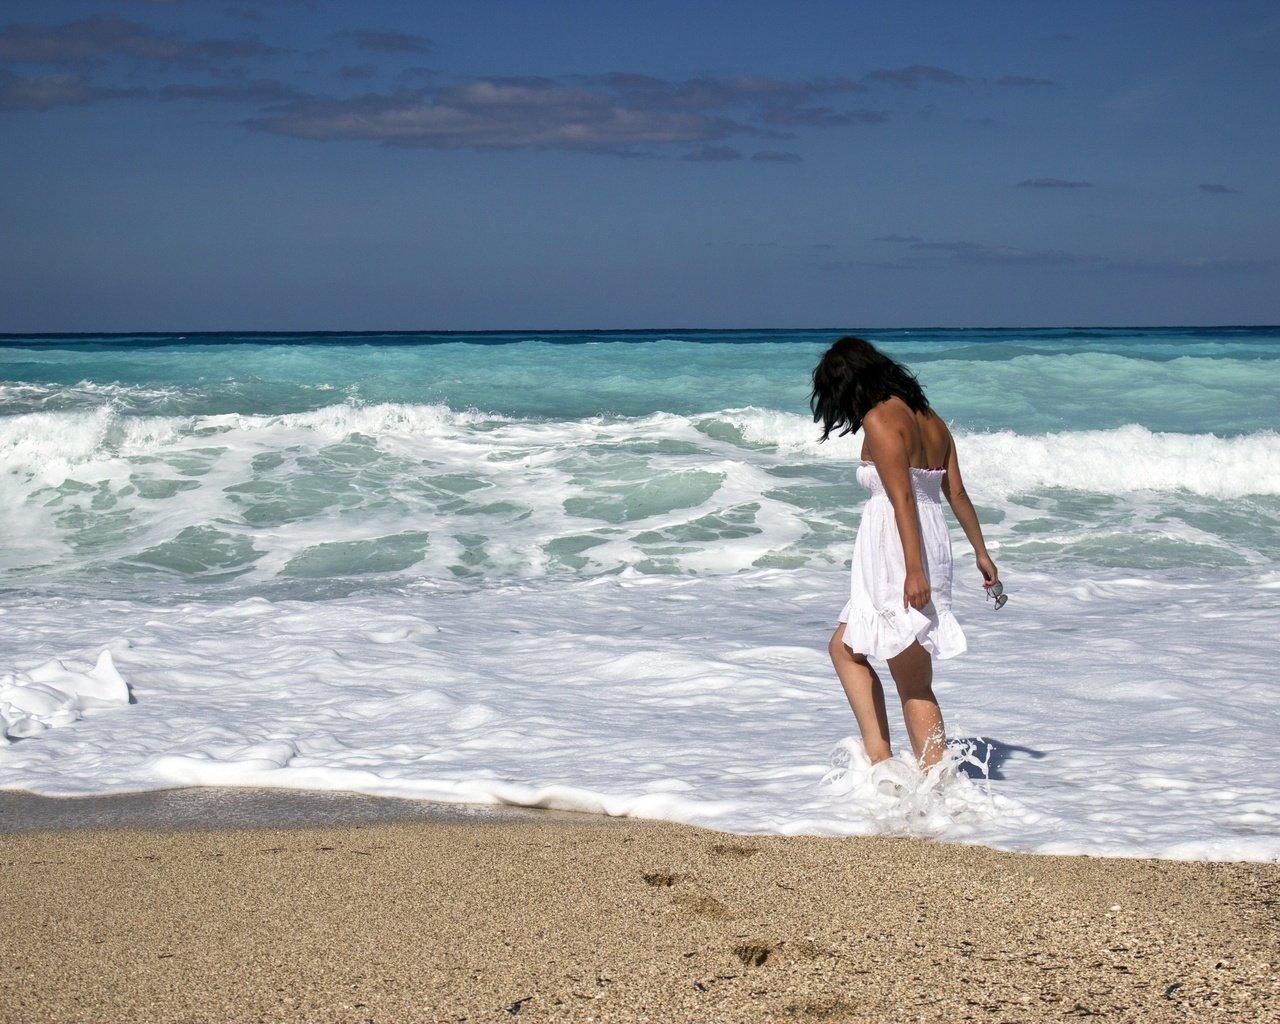 Море прикольные картинки со смыслом, женщине лет открытки